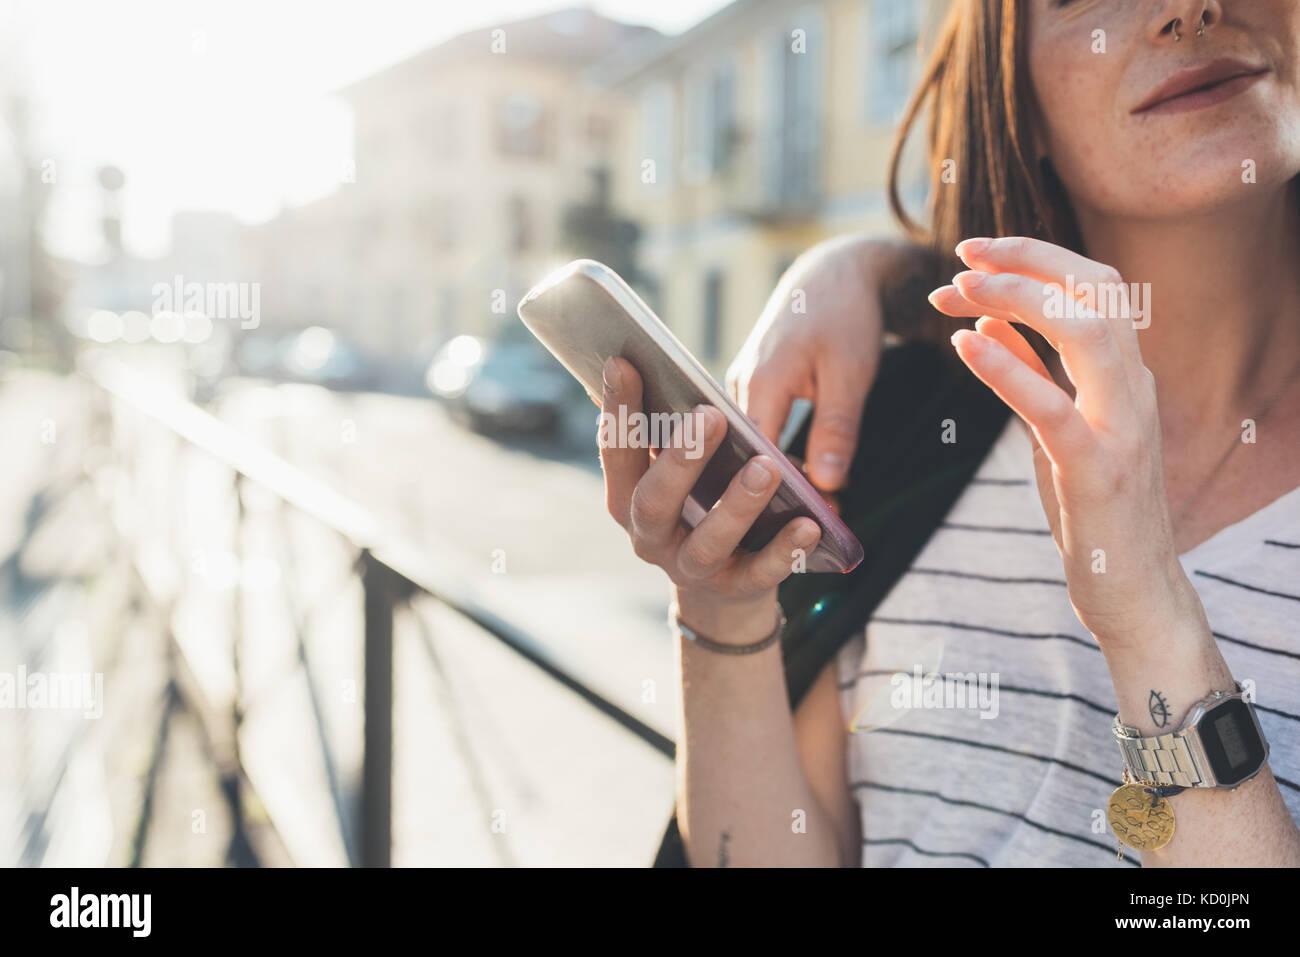 7/8 Schuß von Paar auf dem Bürgersteig auf Smartphone Stockbild